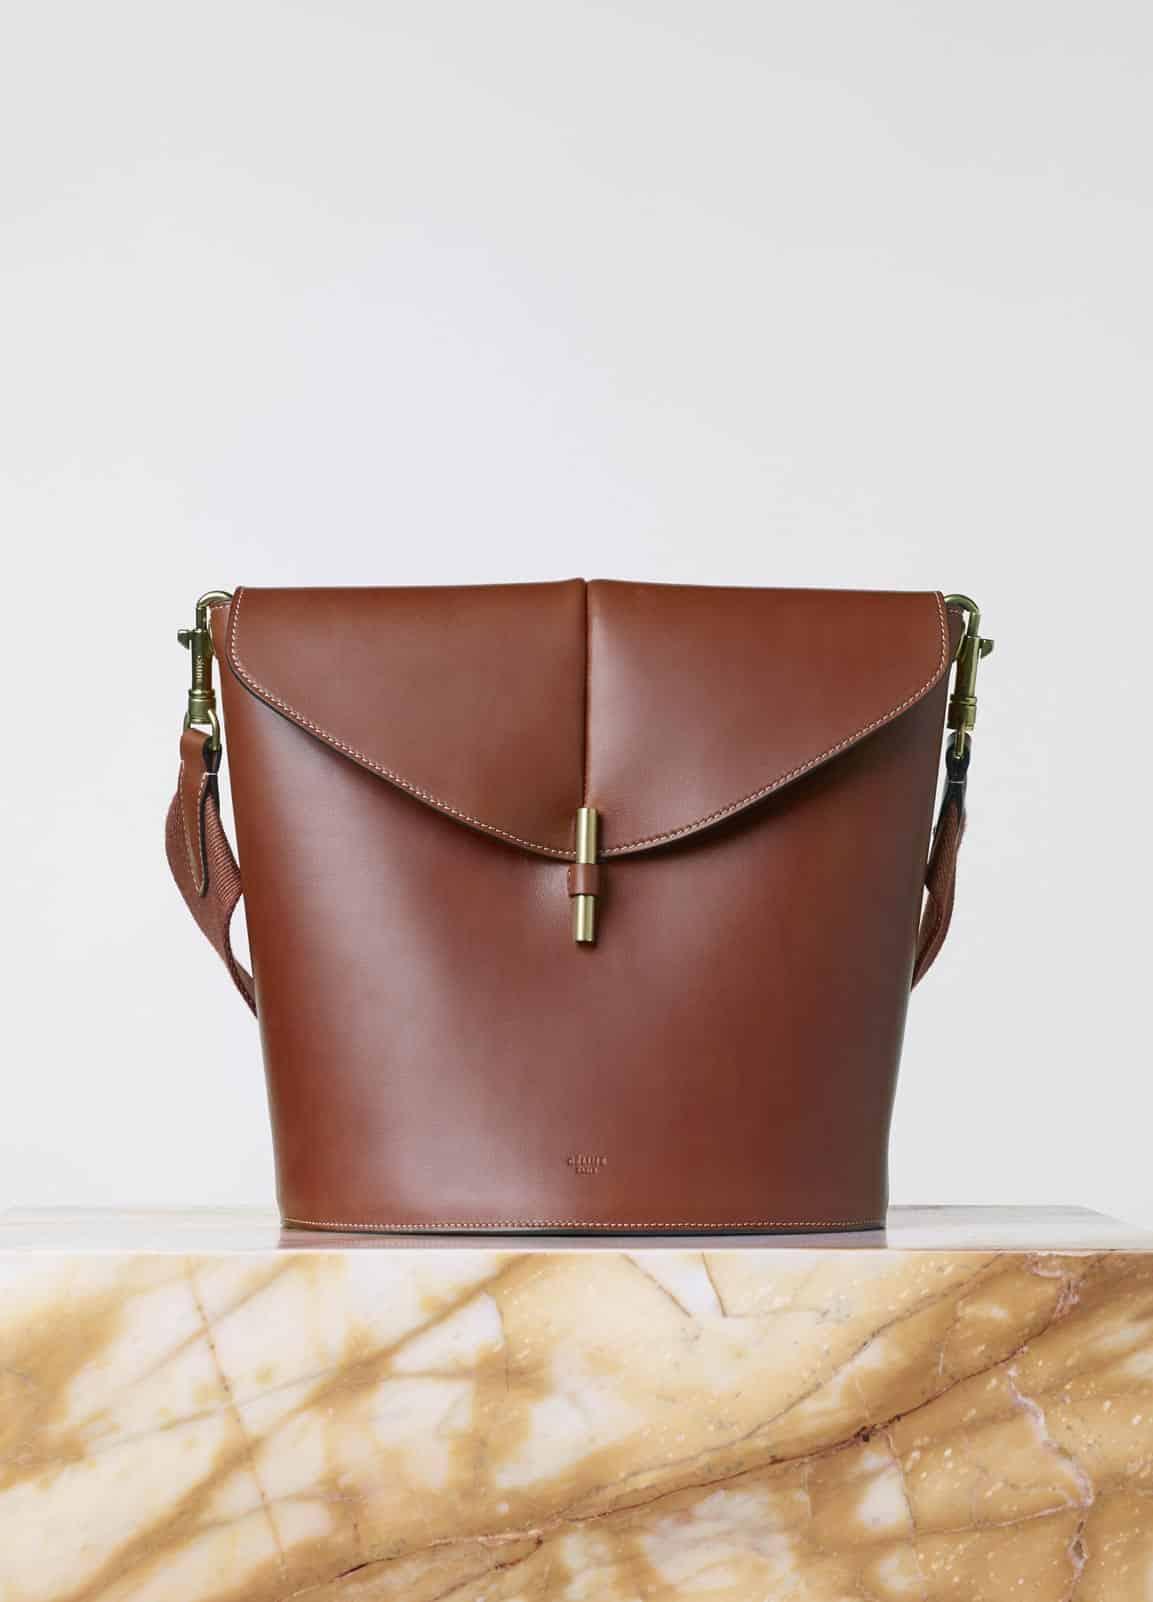 Celine sangle camera bag in brick